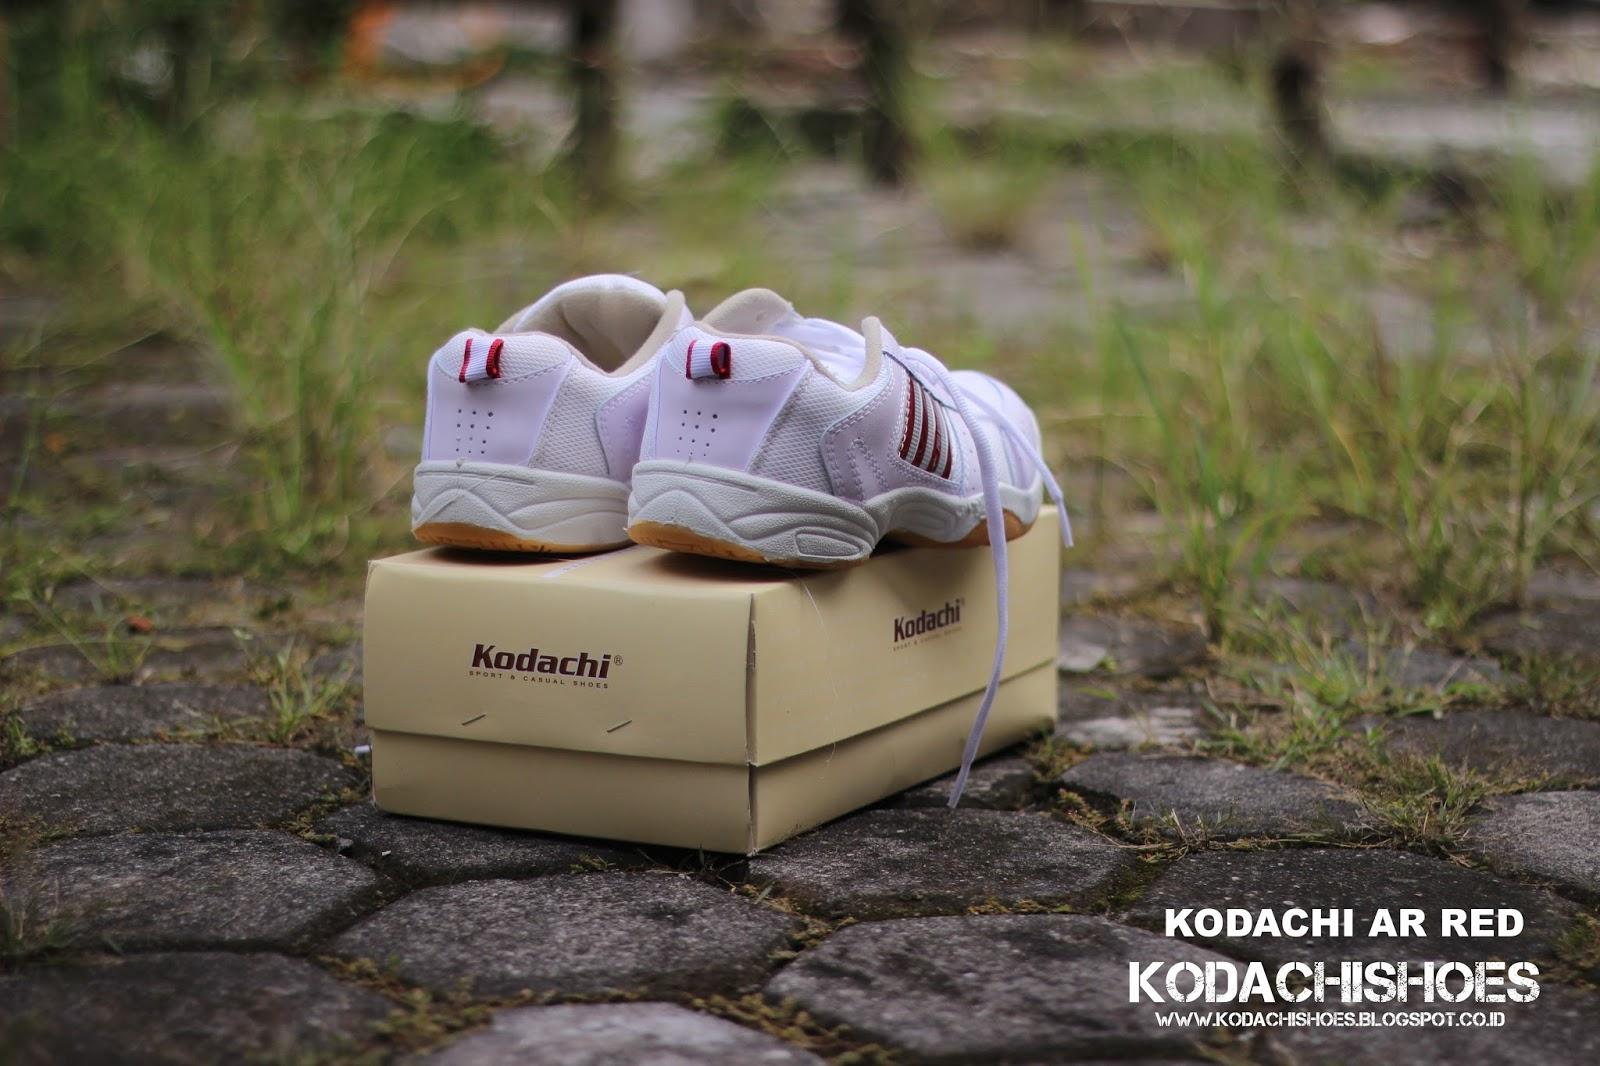 Kodachi Shoes Sepatu Capung 8111 Volley Running Badminton Untuk Infomasi Seputar Produk Info Harga Terbaru Ar Dan Pemesanan Silahkan Klik Gambar Di Bawah Ini